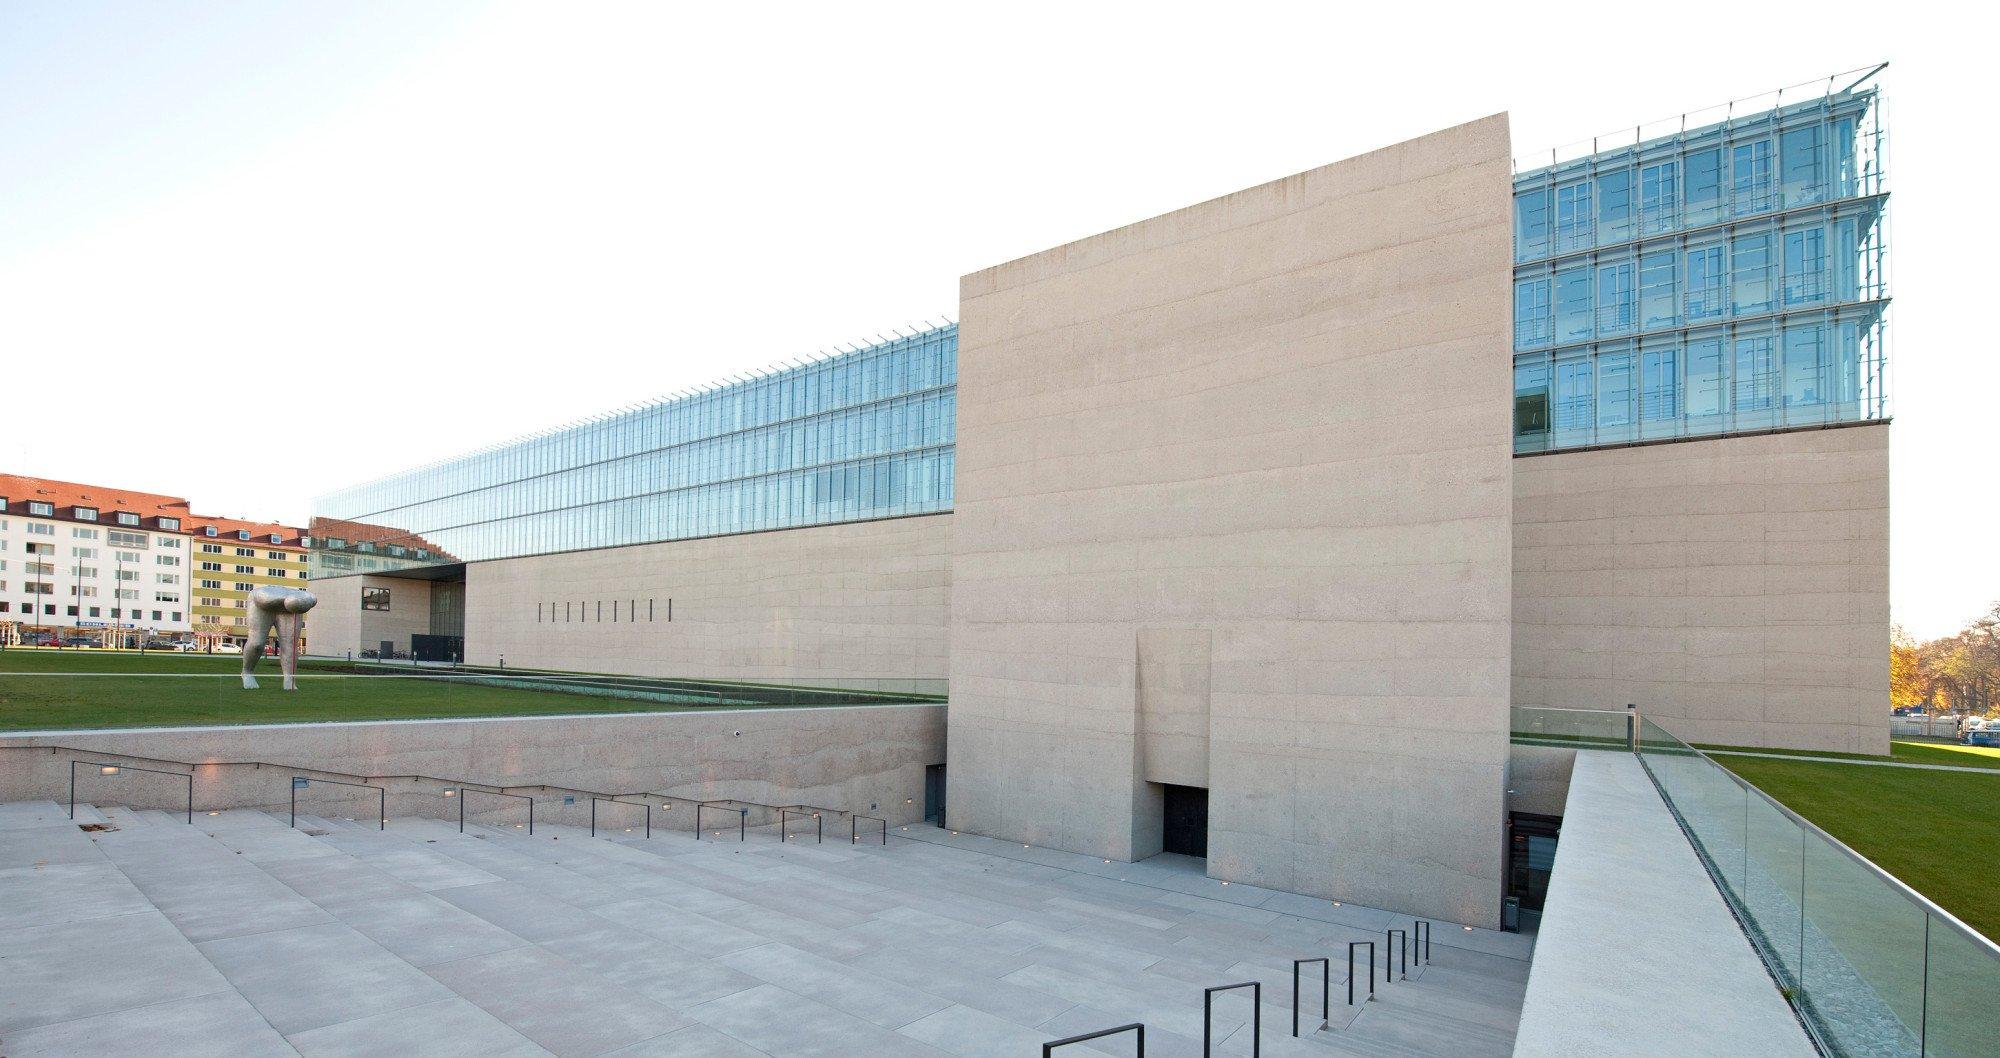 gyptisches museum und filmhochschule in m nchen beton kultur baunetz wissen. Black Bedroom Furniture Sets. Home Design Ideas